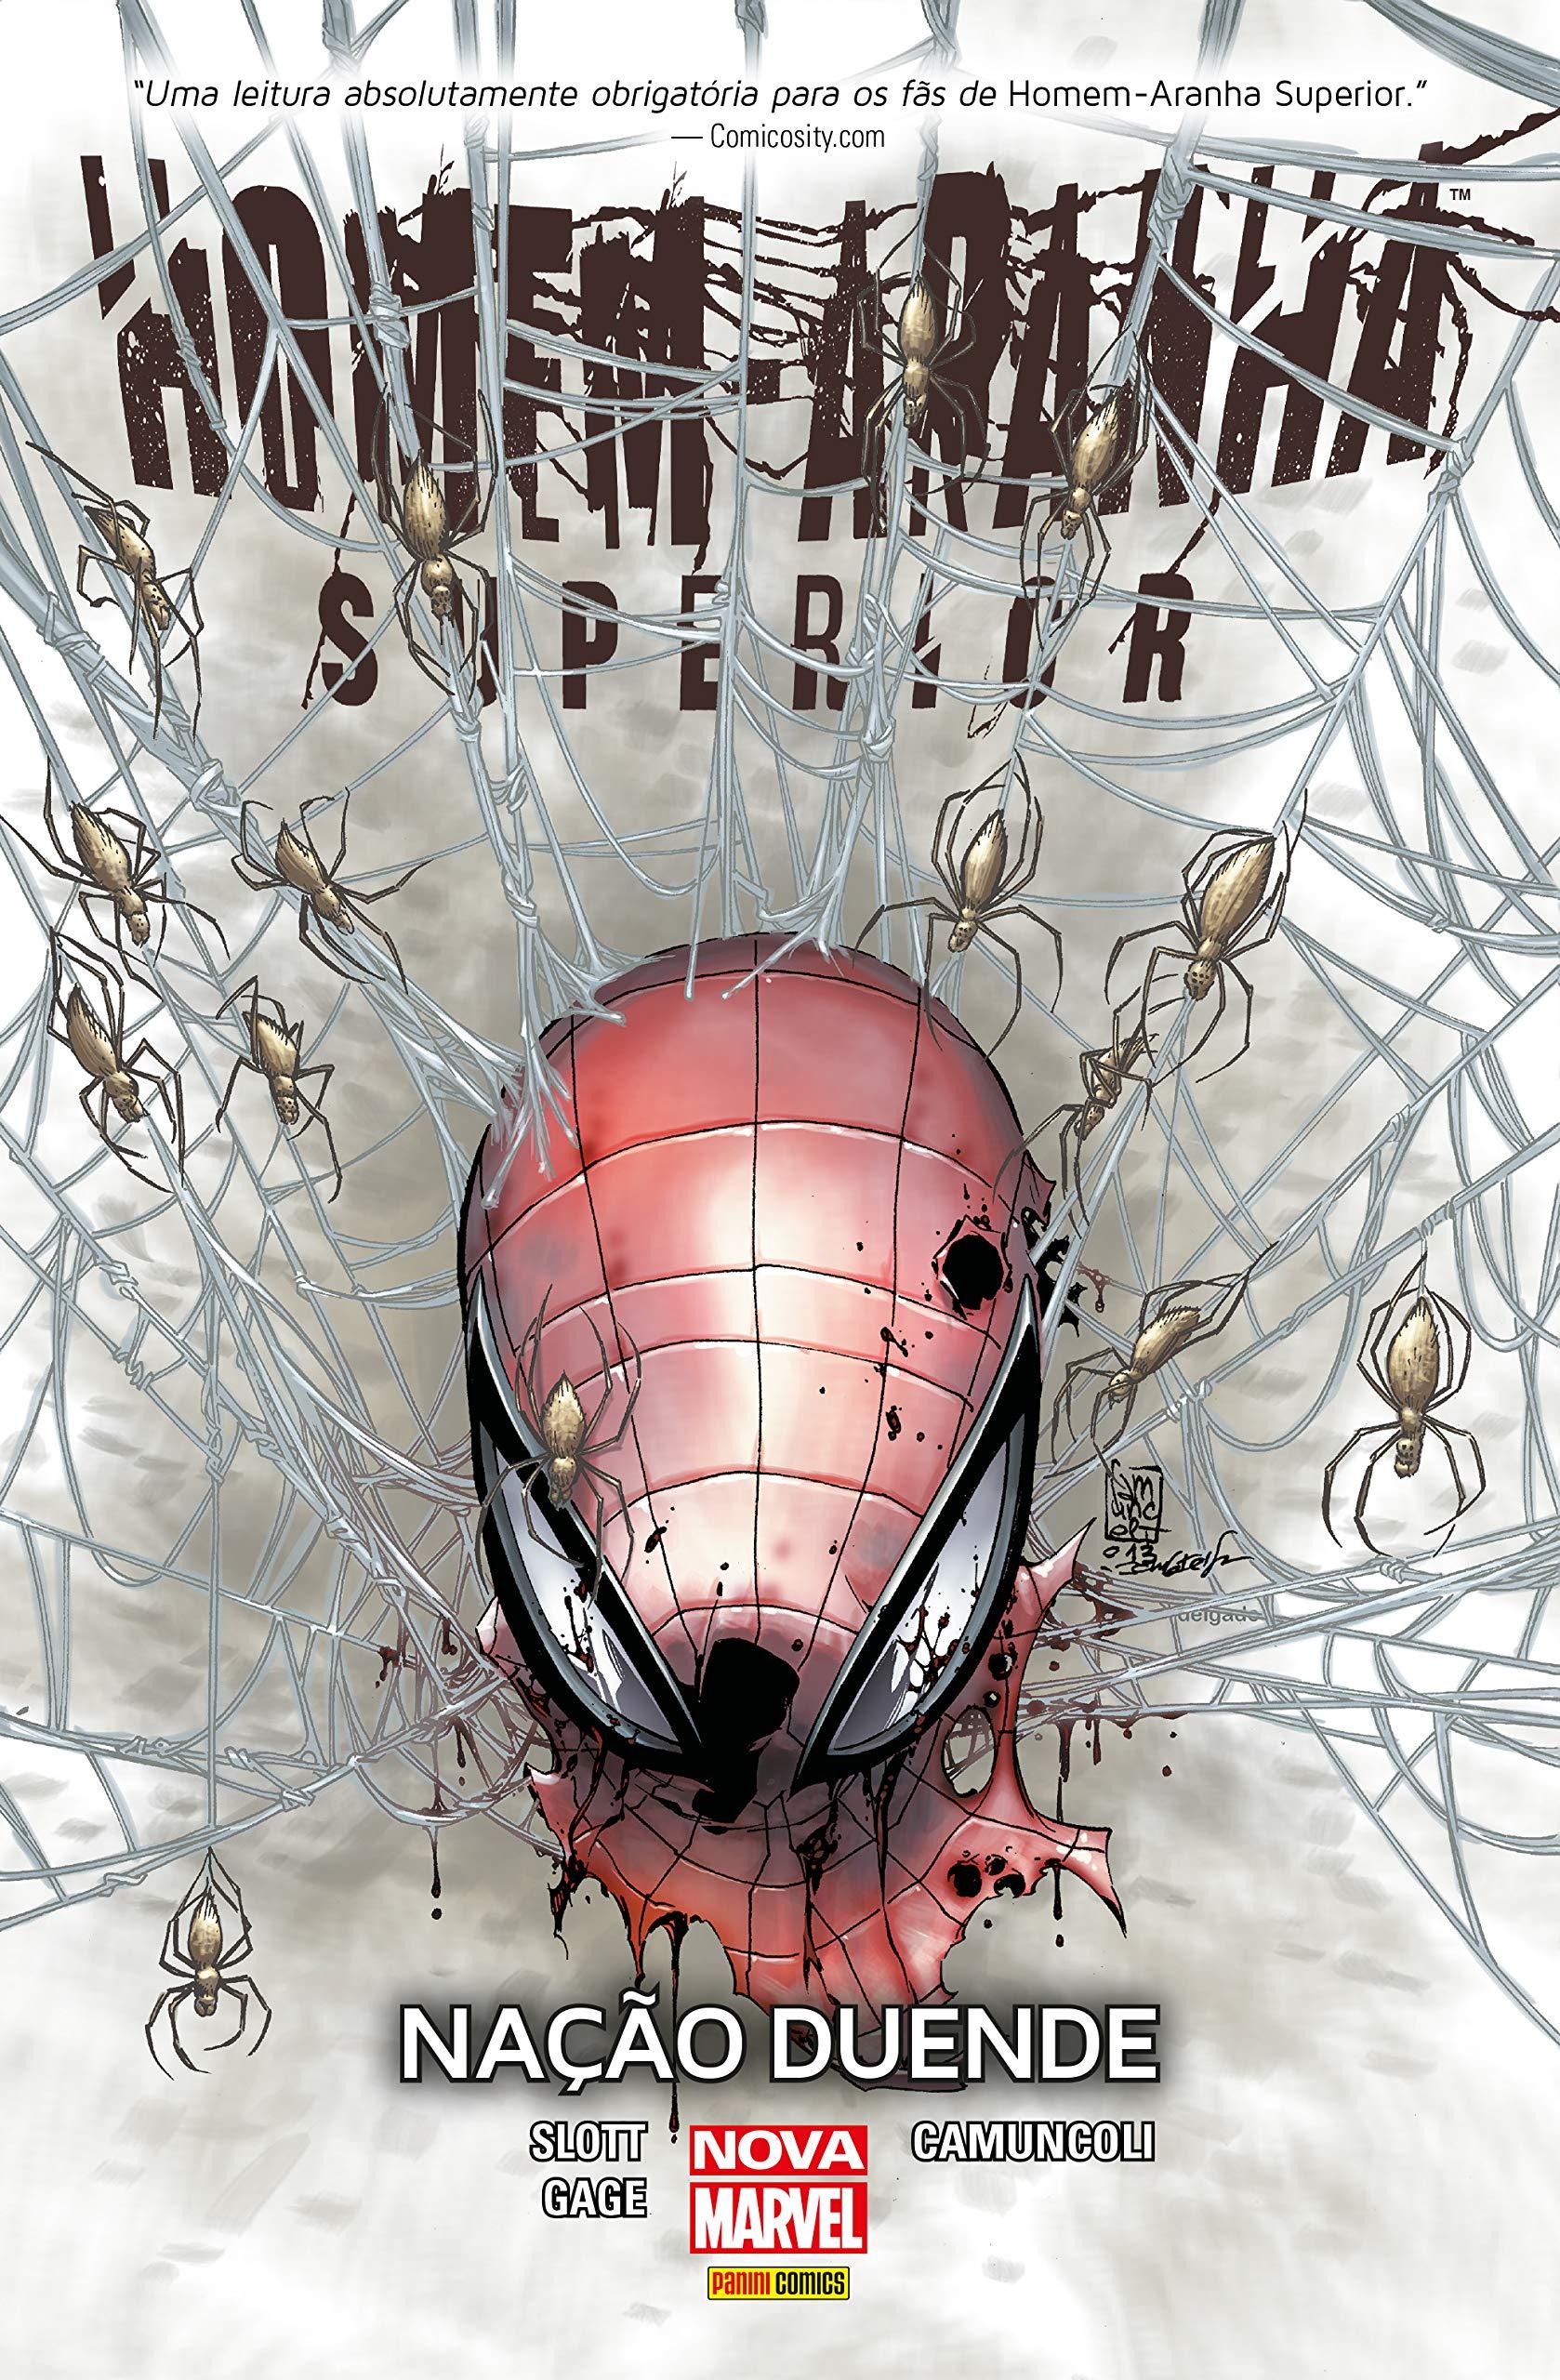 Resenha | Homem-Aranha Superior: Nação Duende